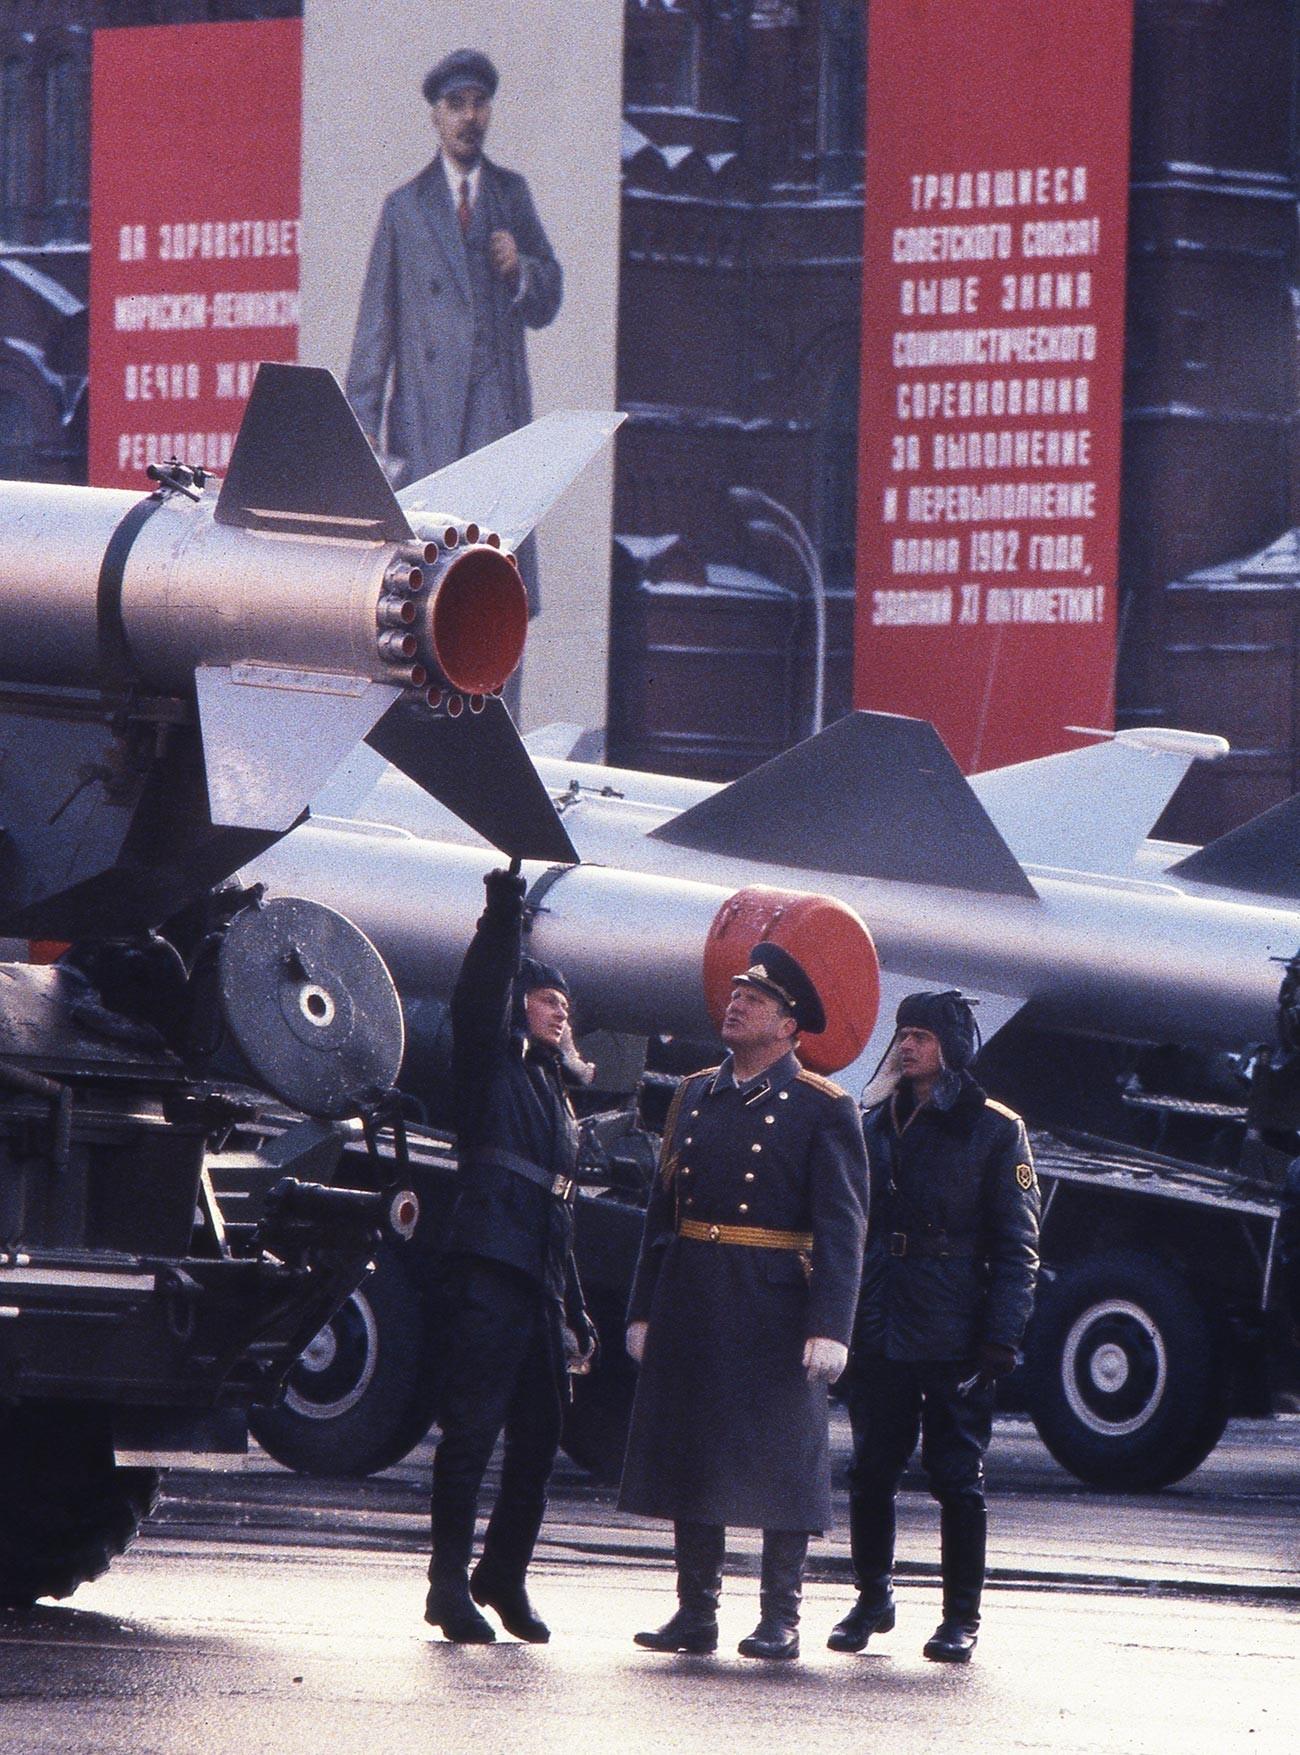 Офицери со војници под ракета која може да носи нуклеарна боева глава пред почетокот на парадата на Црвениот плоштад по повод 65-годишнината од Октомвриската револуција.